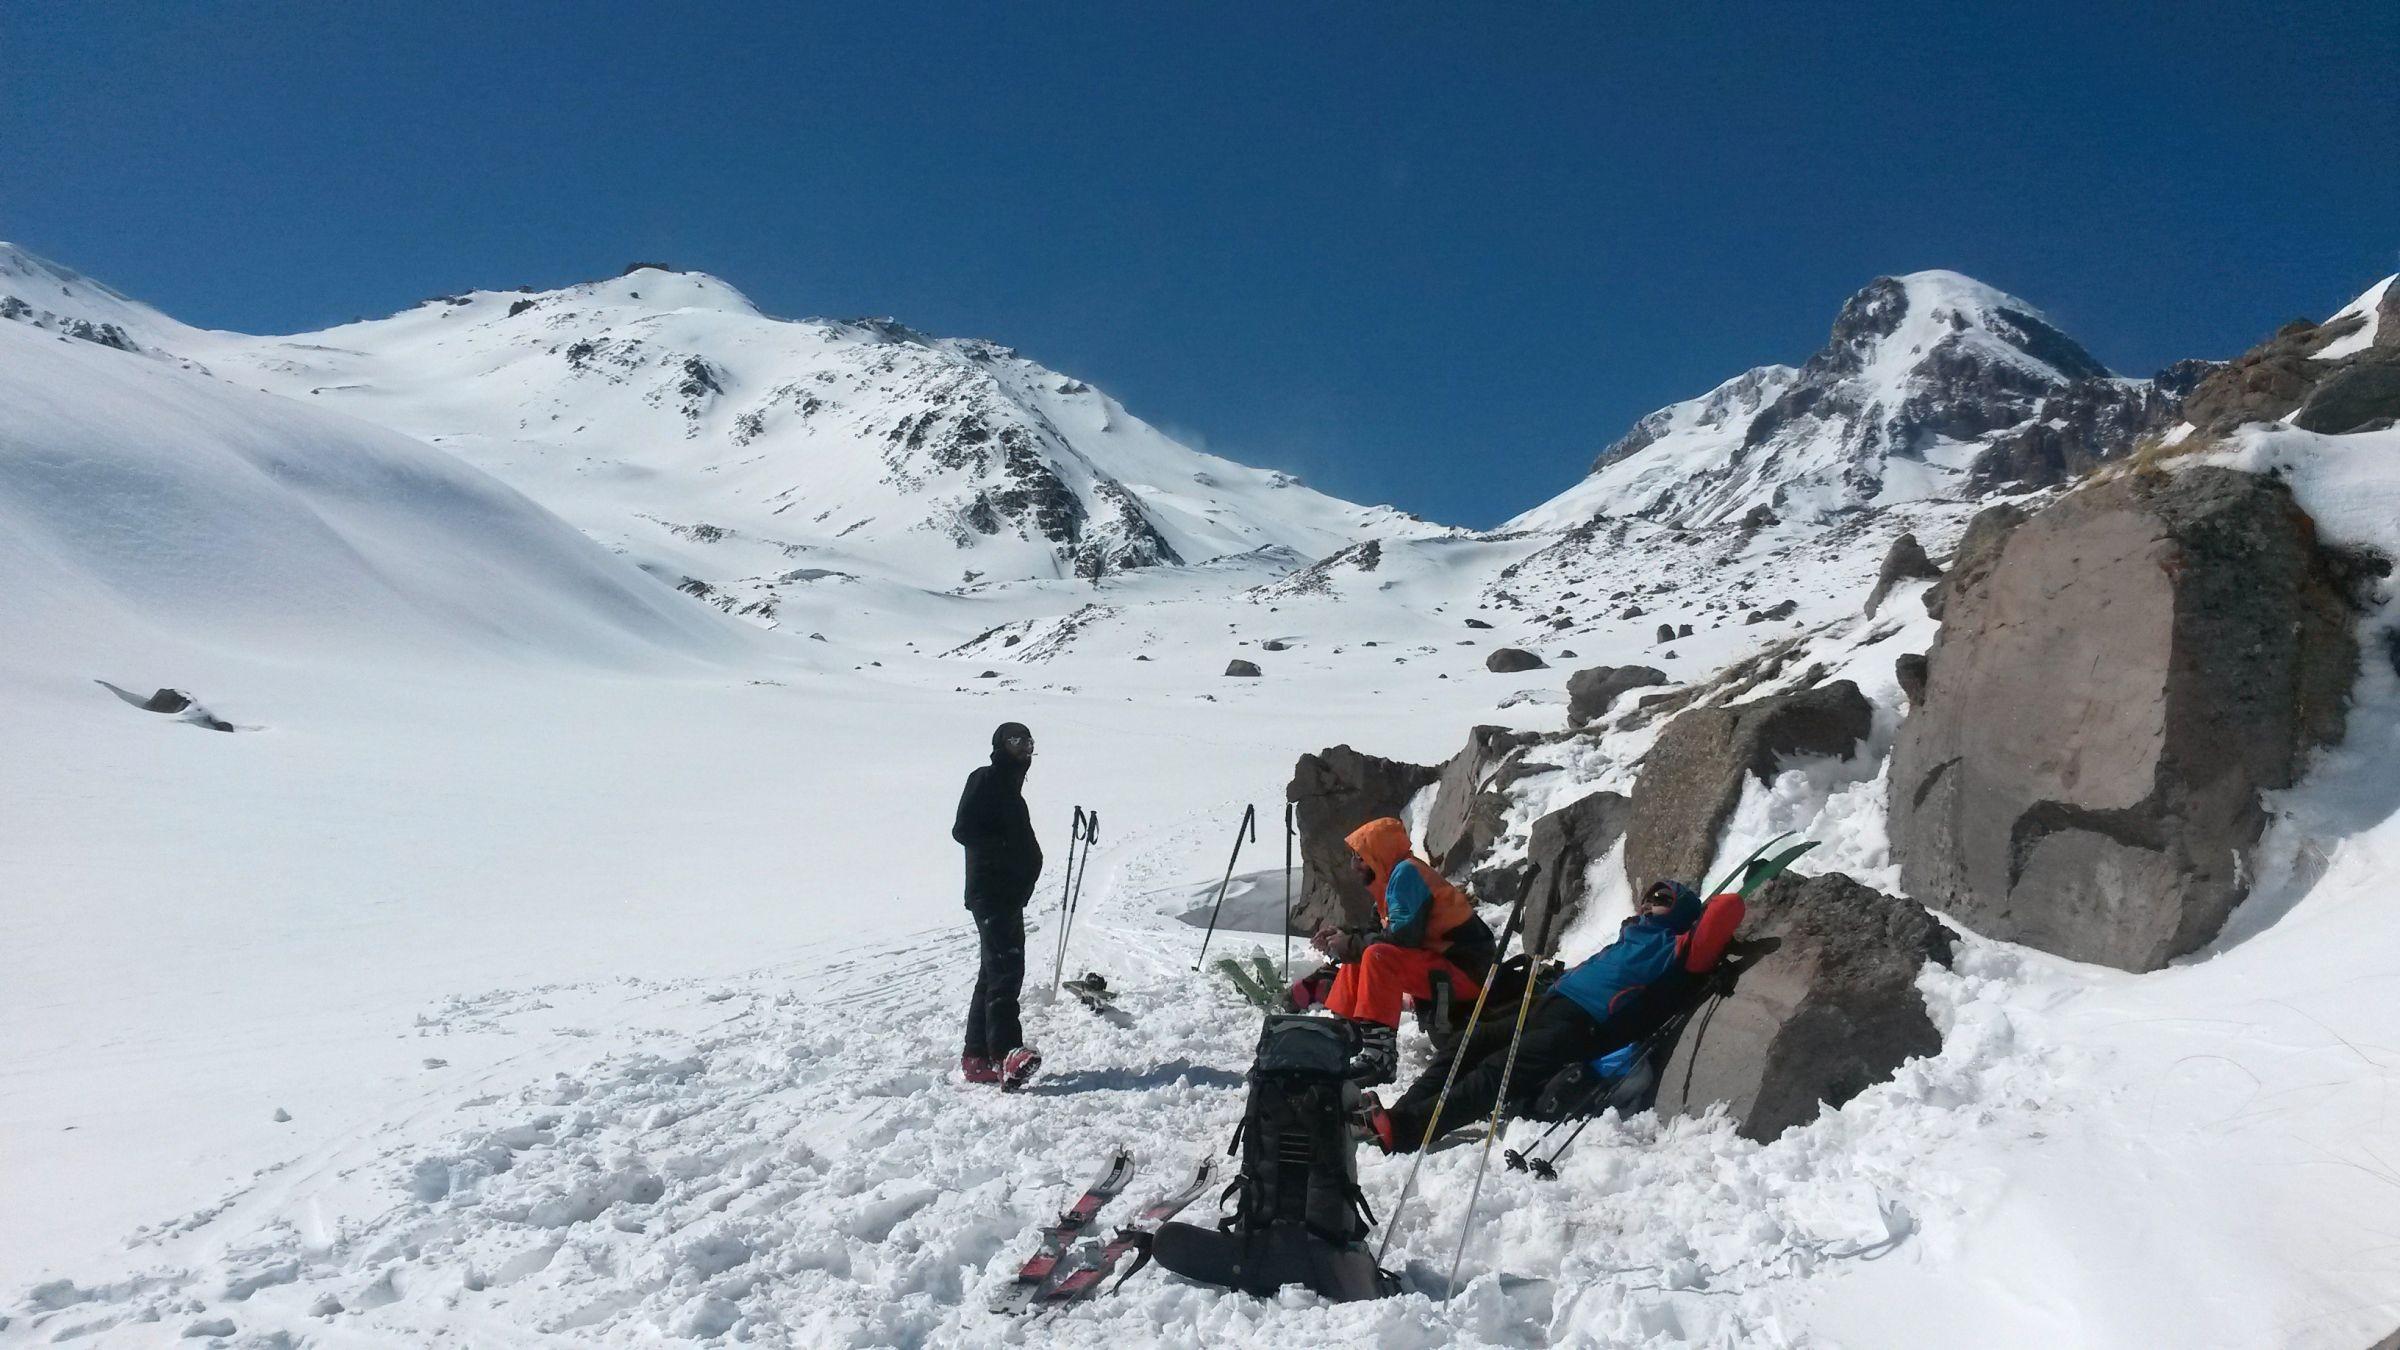 Ски-тур на Казбеке: привал